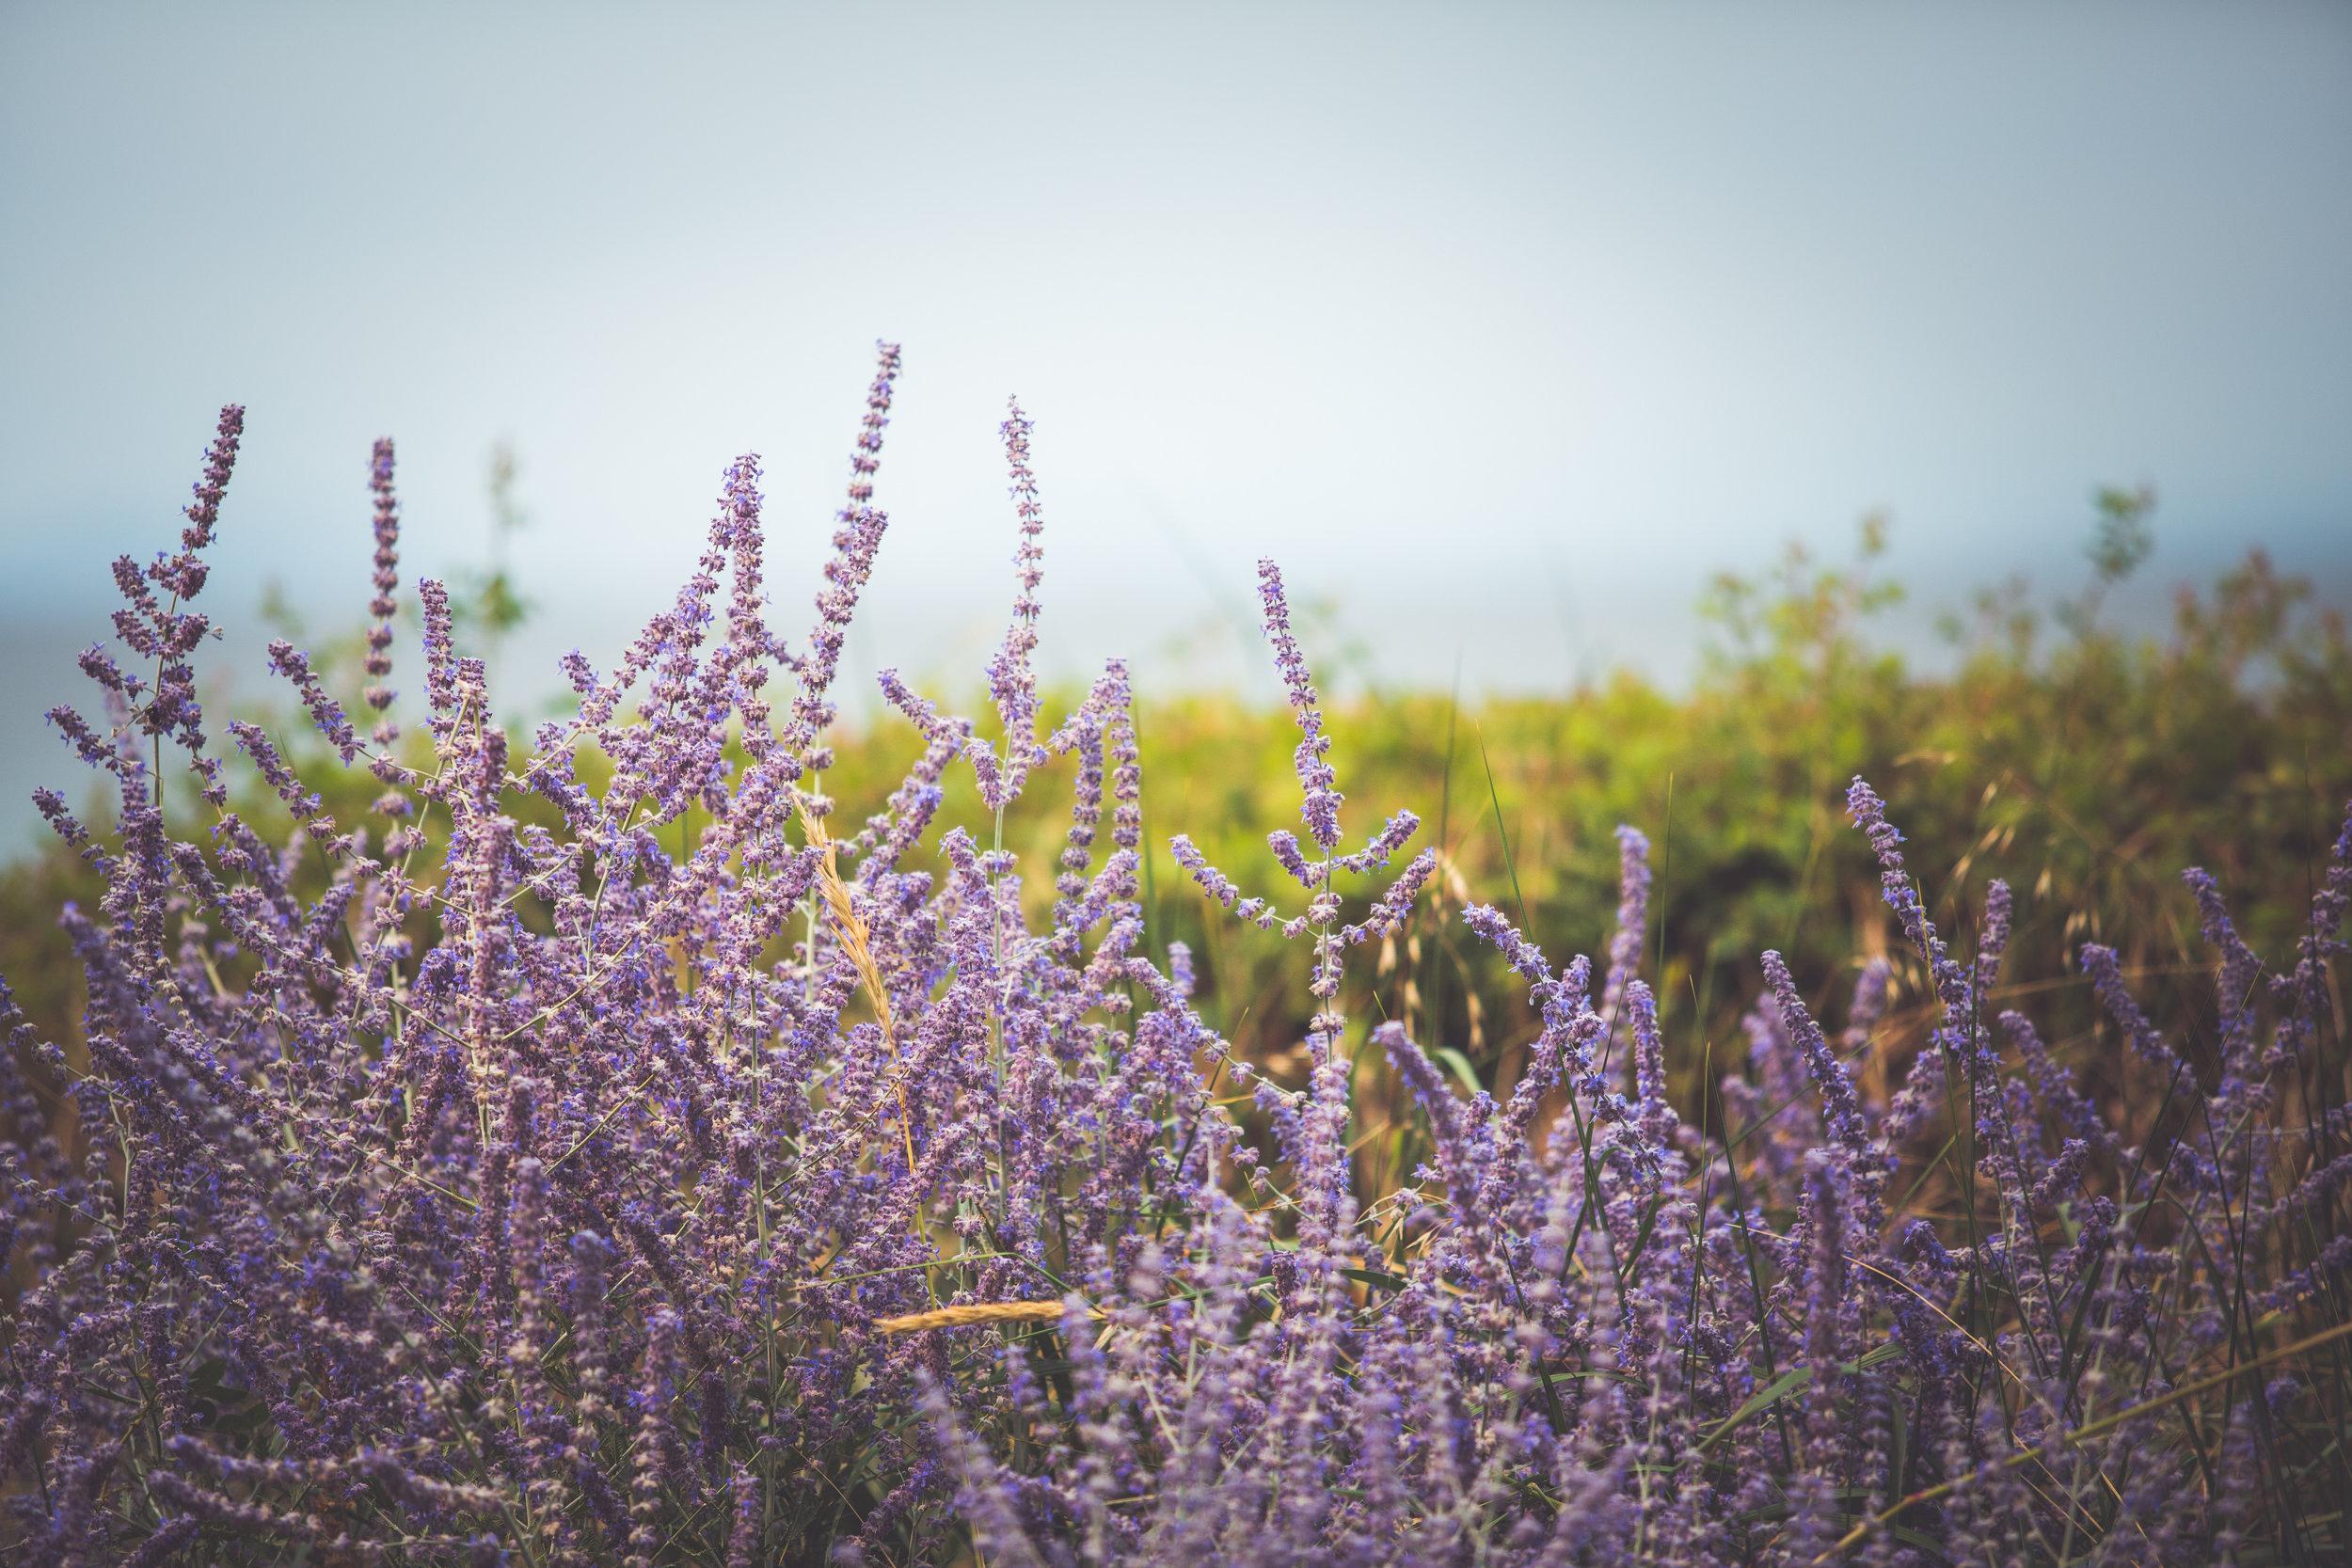 lavender in bloom in Qualicum Beach backyard